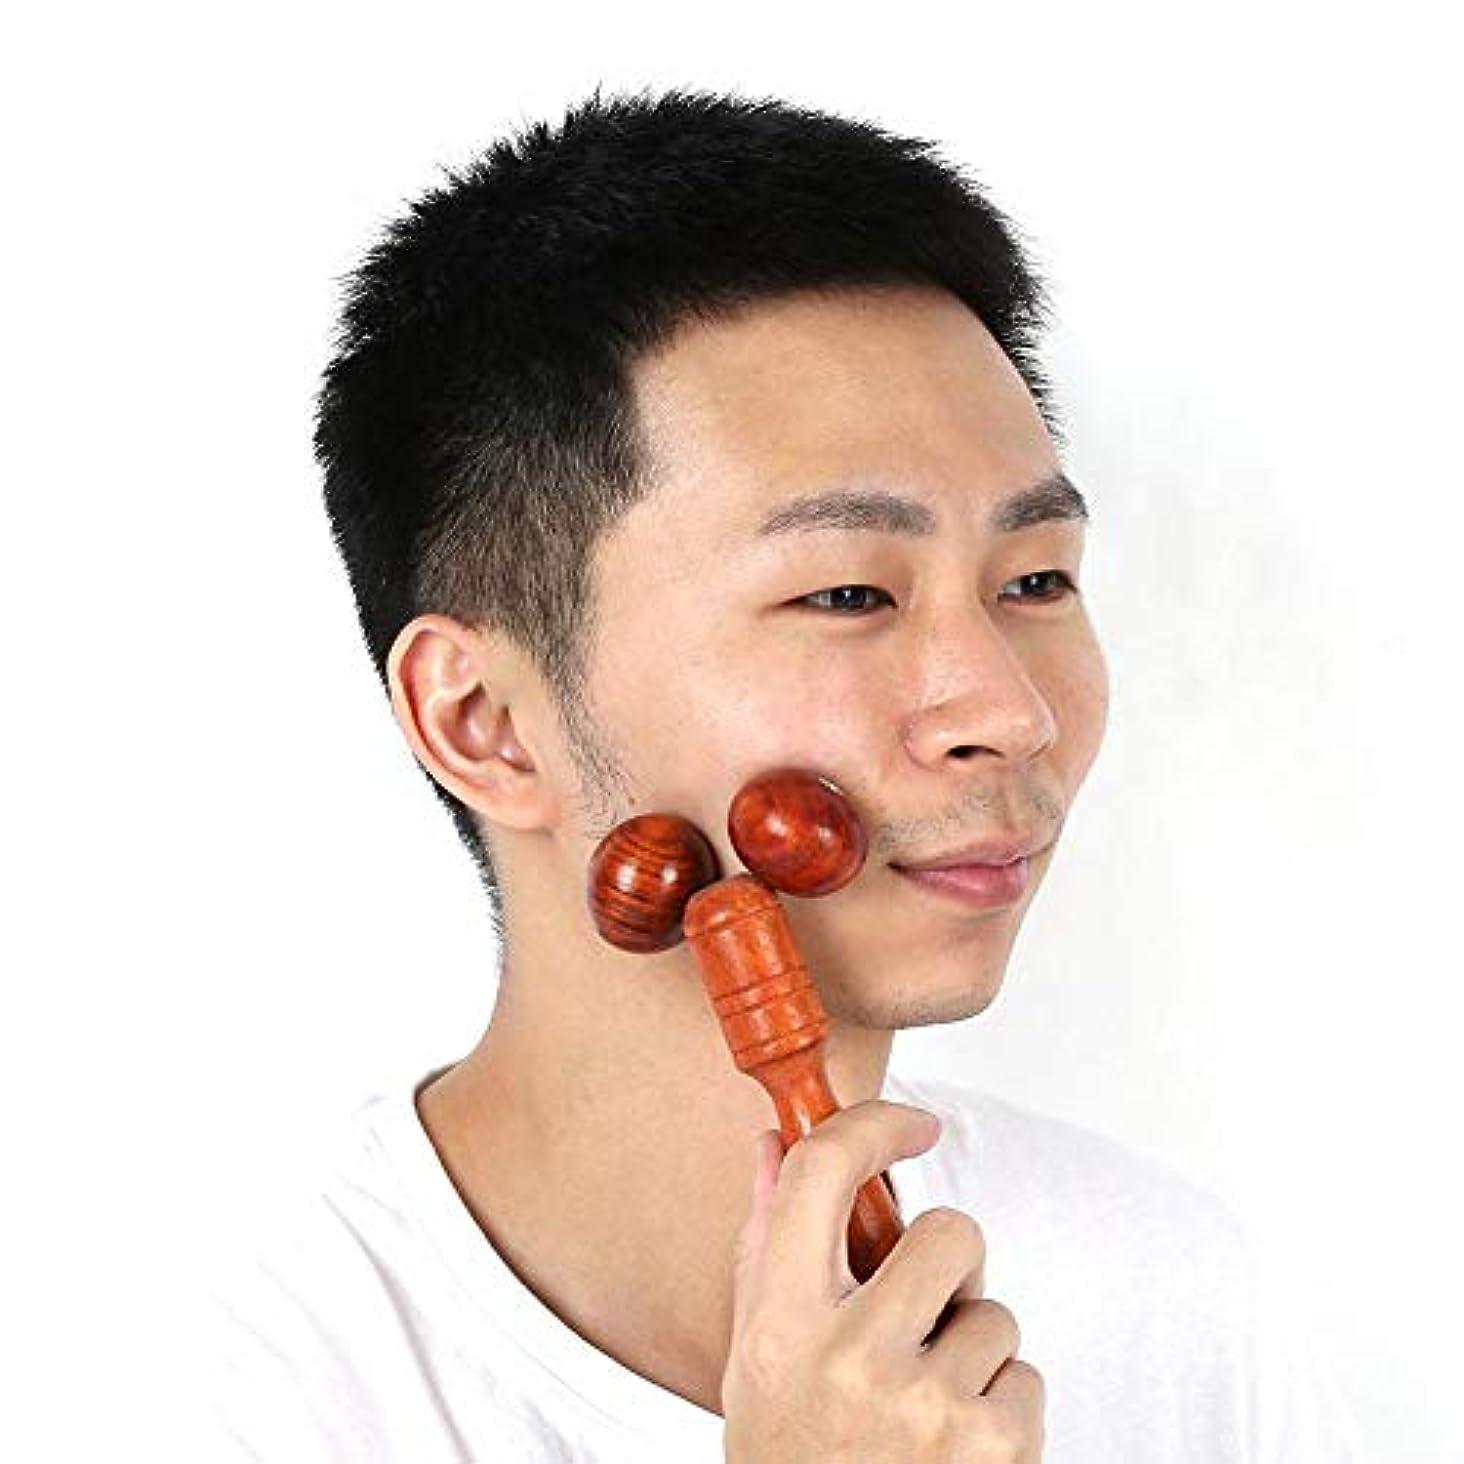 息苦しい必要としている改修する顔手足頭首背中腰用マホガニーレッドウッドローラーマッサージャー